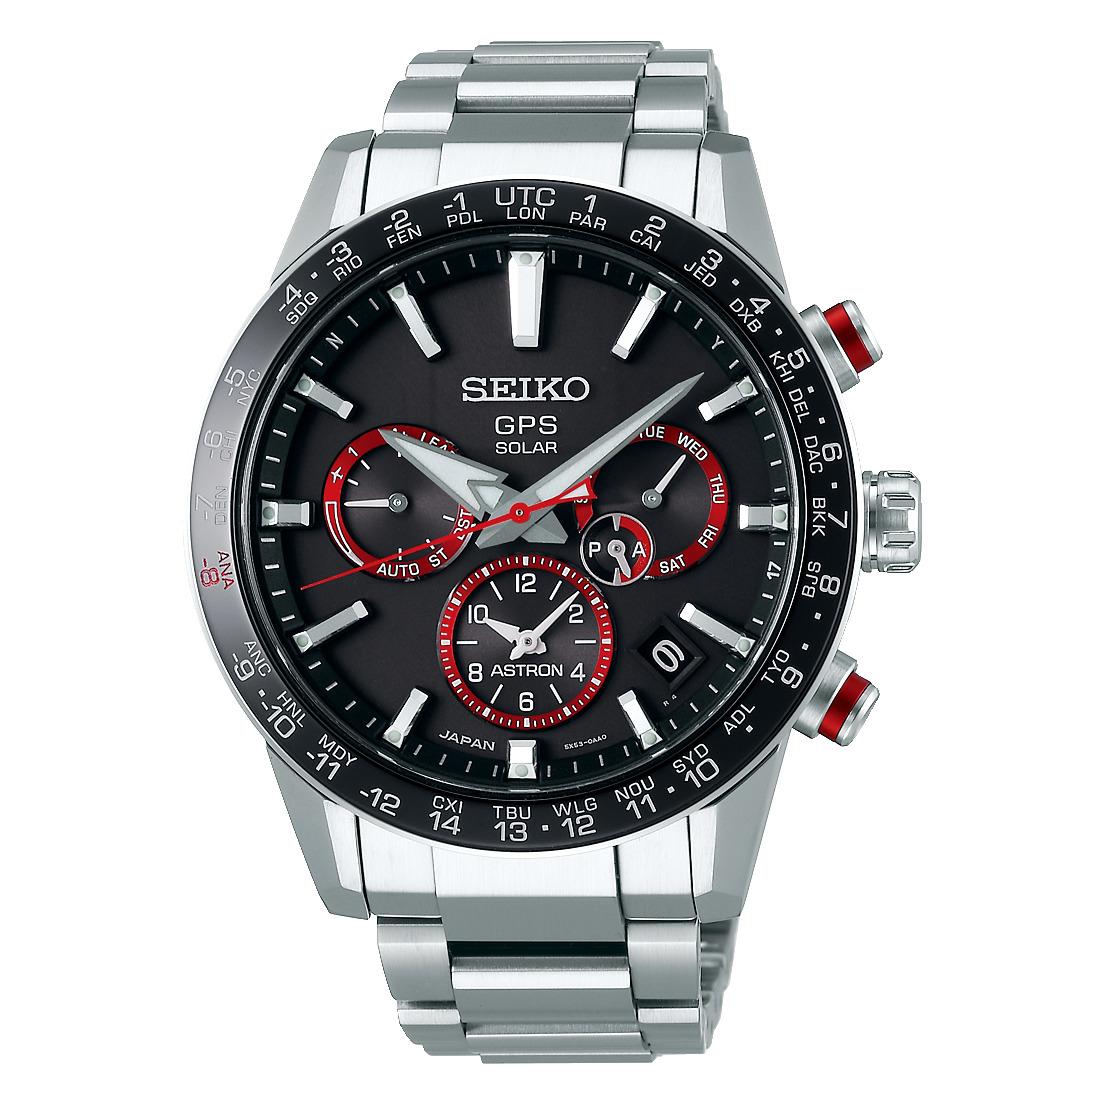 正規品 SEIKO セイコー ASTRON アストロン SBXC017 5xシリーズ 腕時計